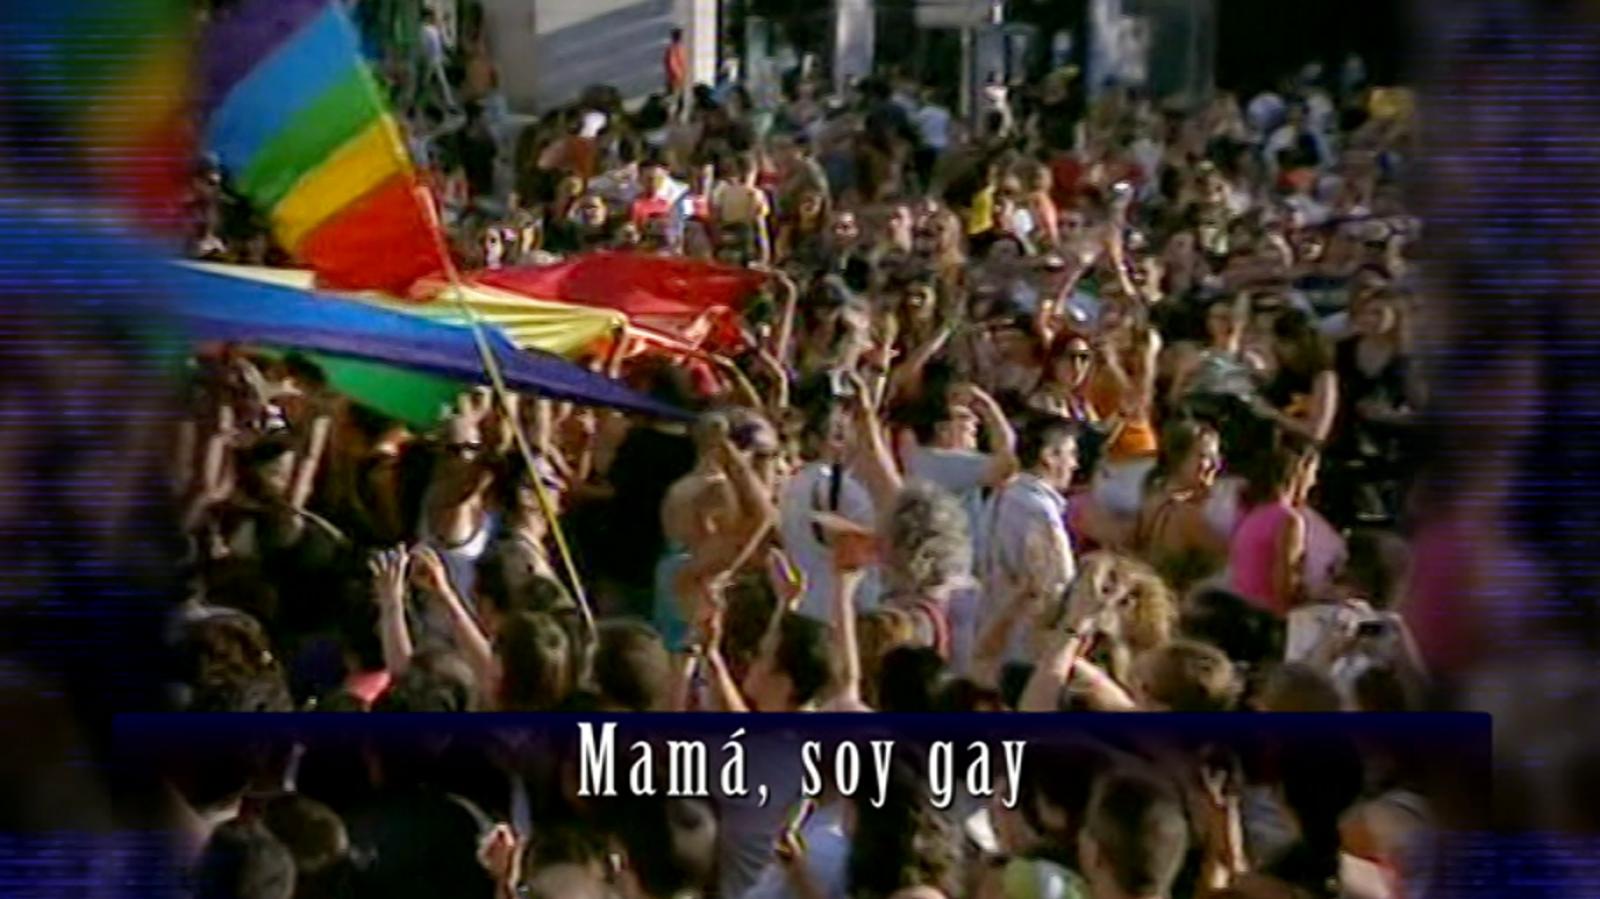 Ochéntame otra vez - Mamá, soy gay - ver ahora